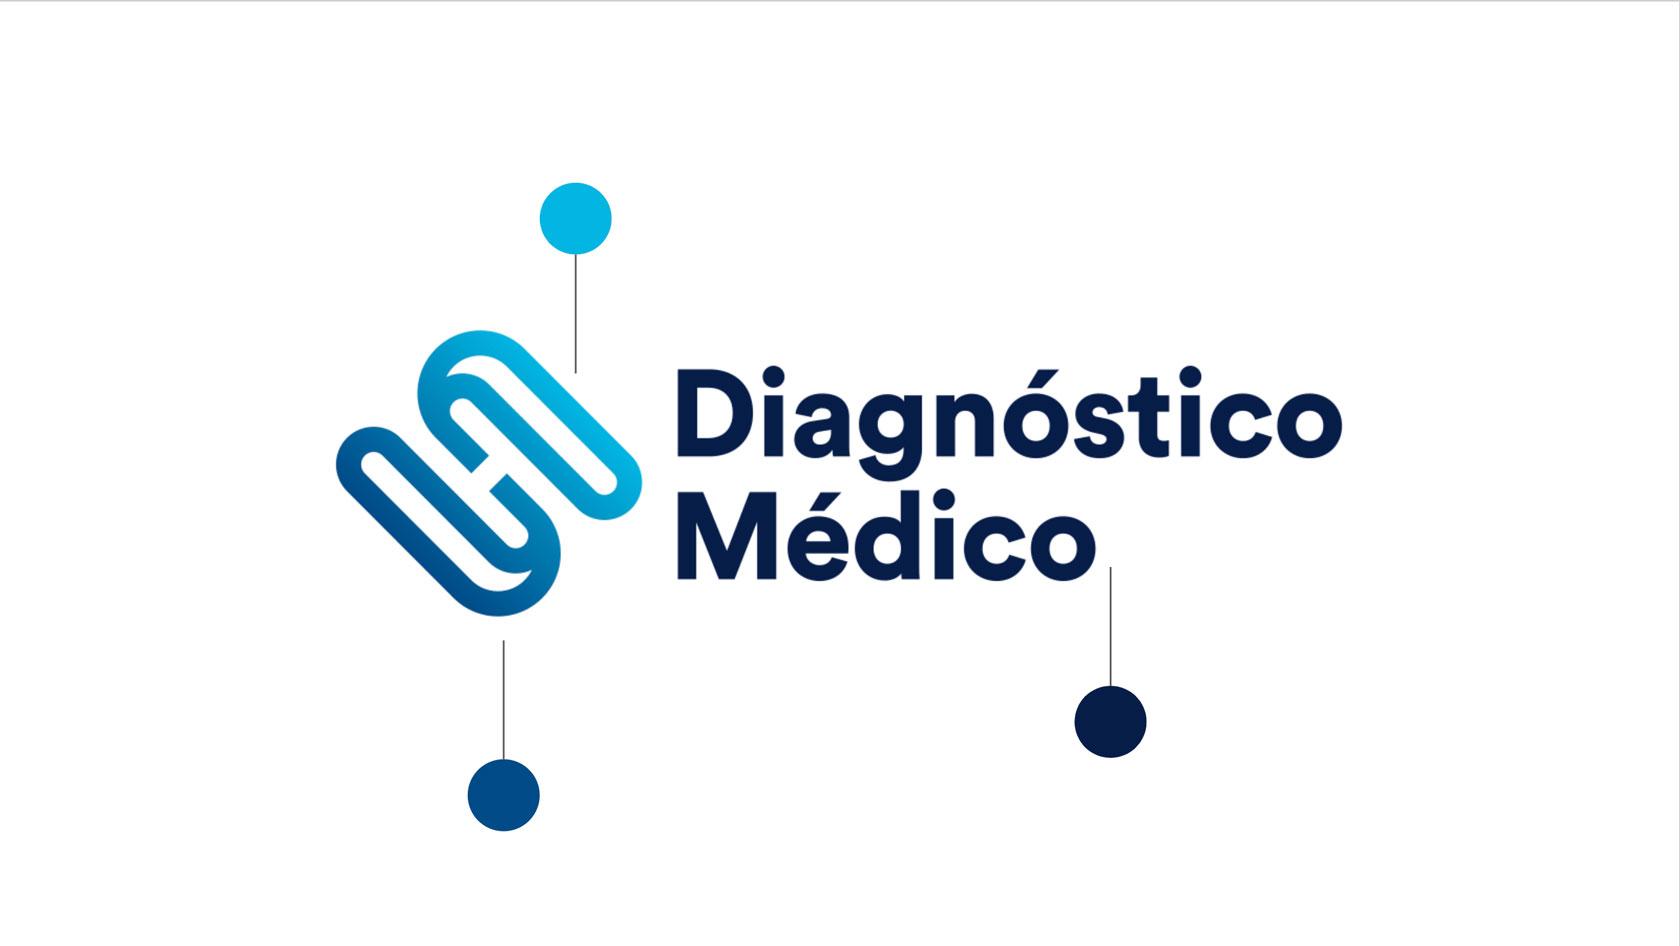 diagnostico-medico-id-005